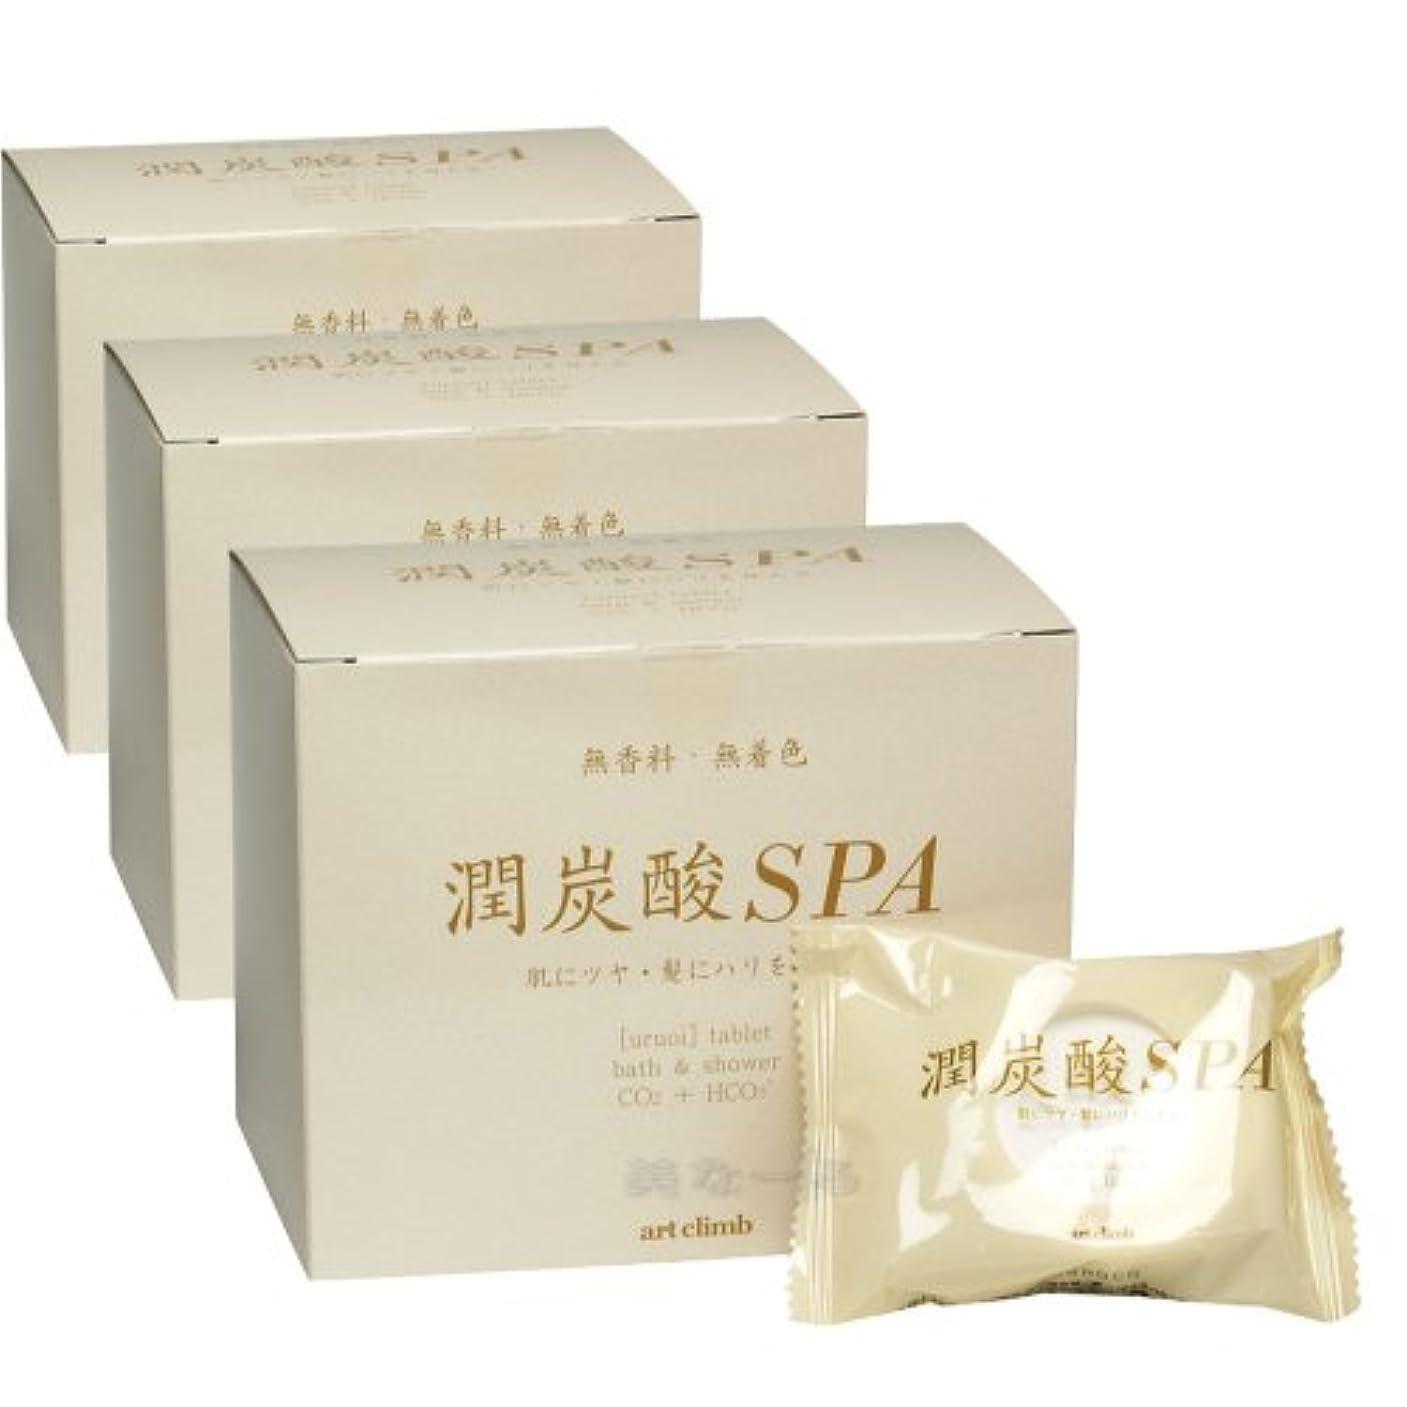 咳物理的なねじれ潤炭酸SPA(うるおい炭酸SPA) 60g×10錠入 3個セット